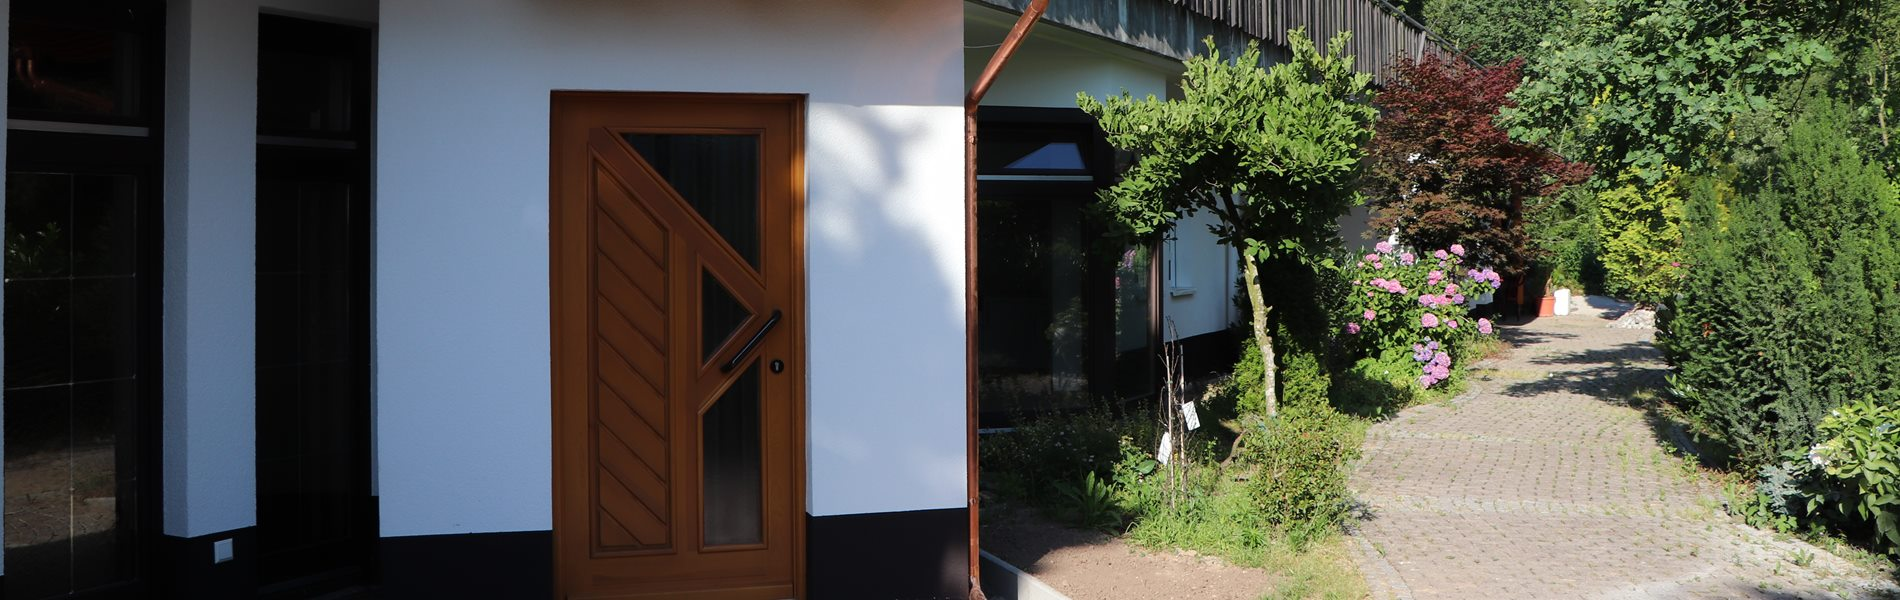 wohnung-zwei-wohnpark-schwarzwald